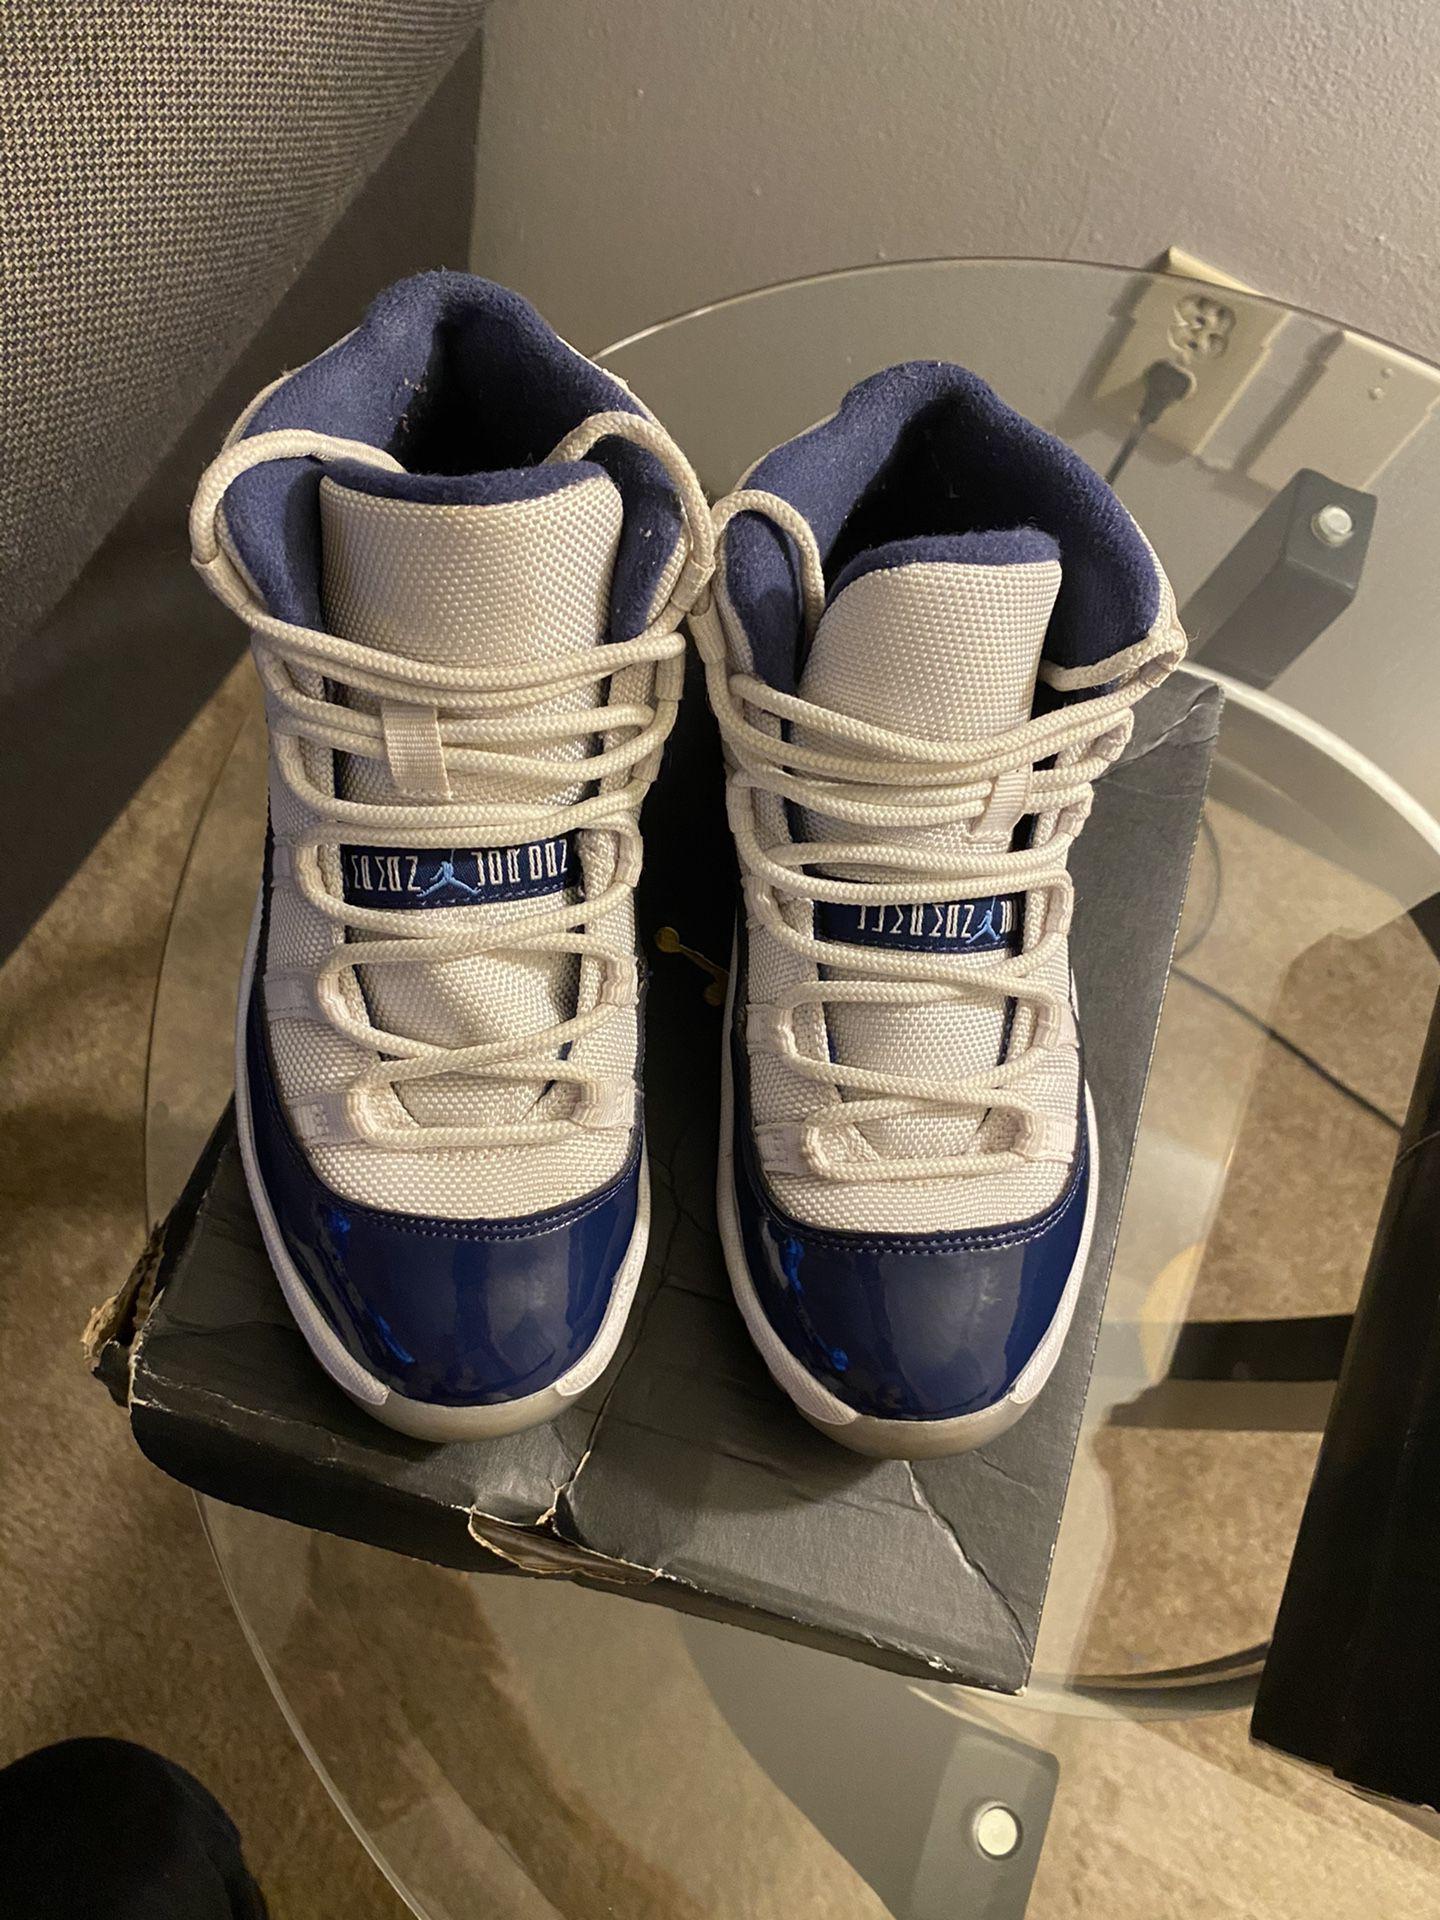 Jordan 11 Retro, Size 2y, $50